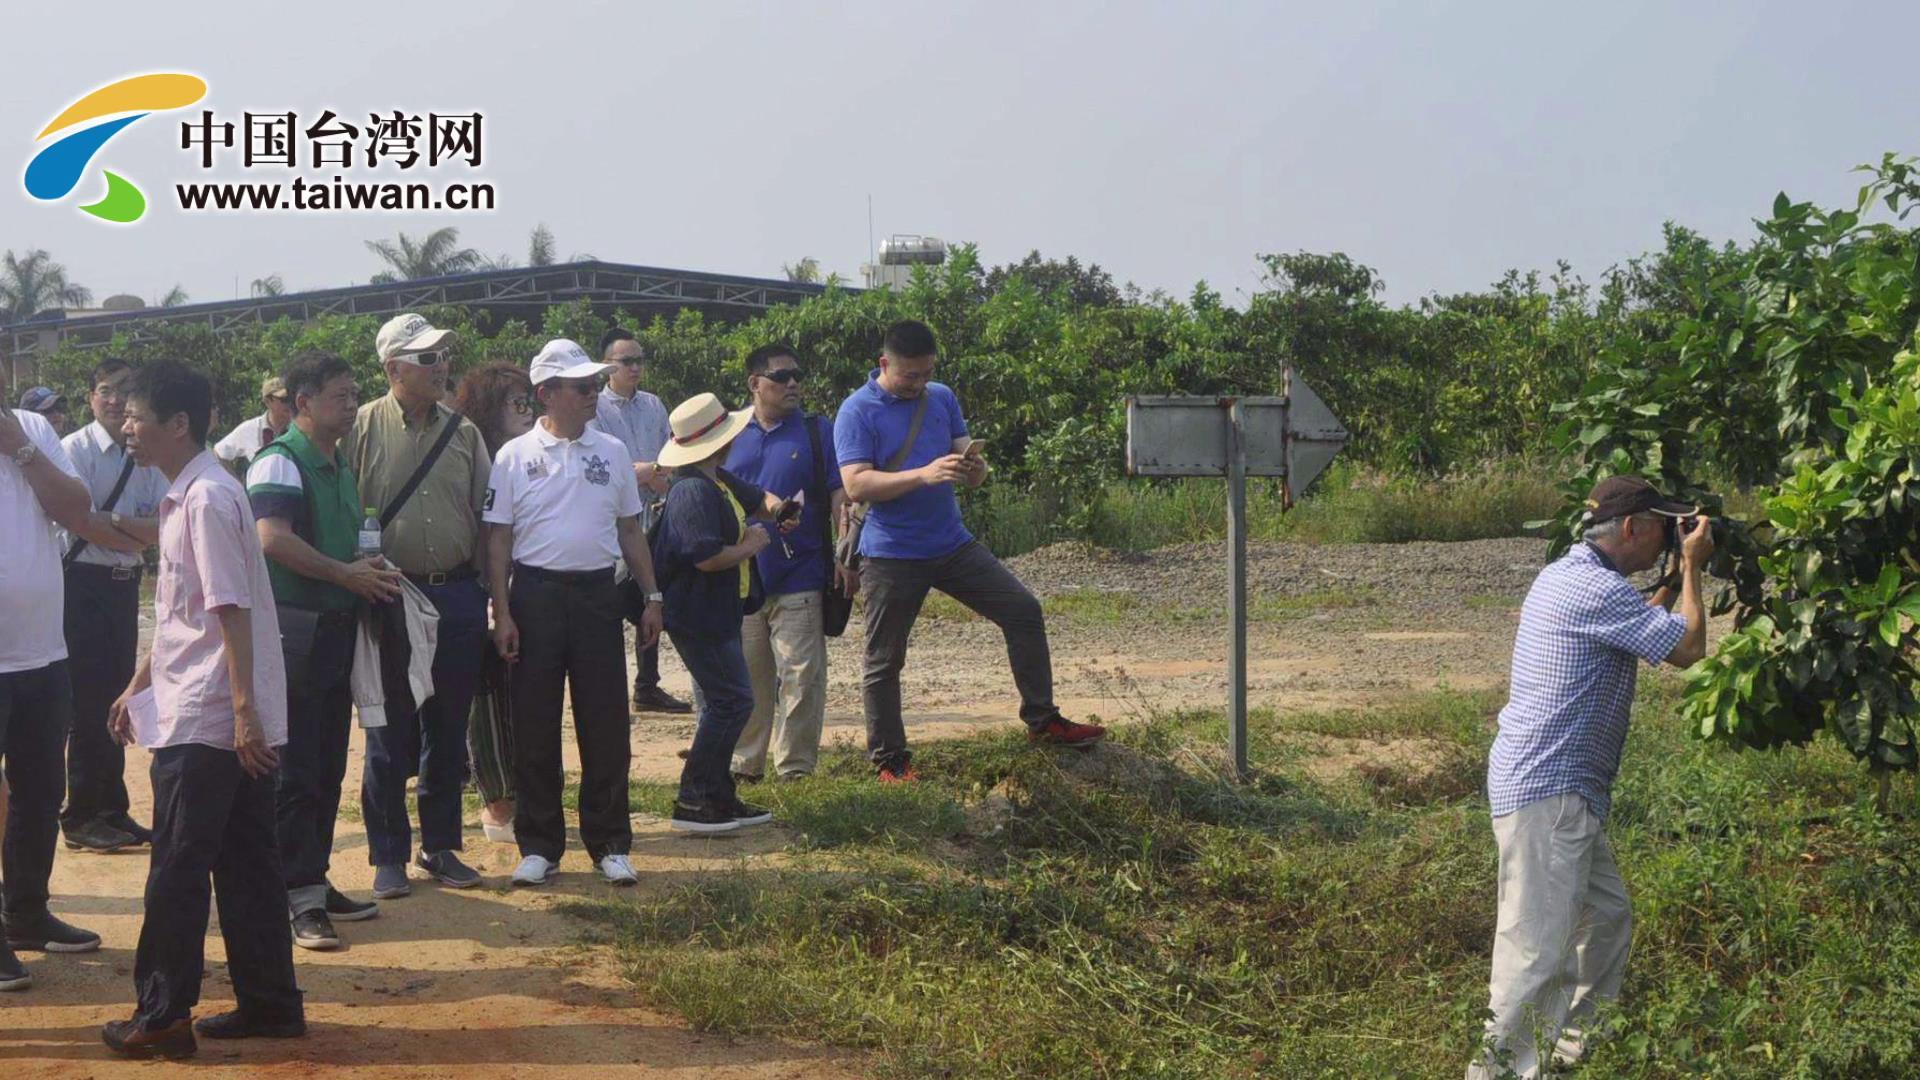 瓊臺農業融合發展圖片